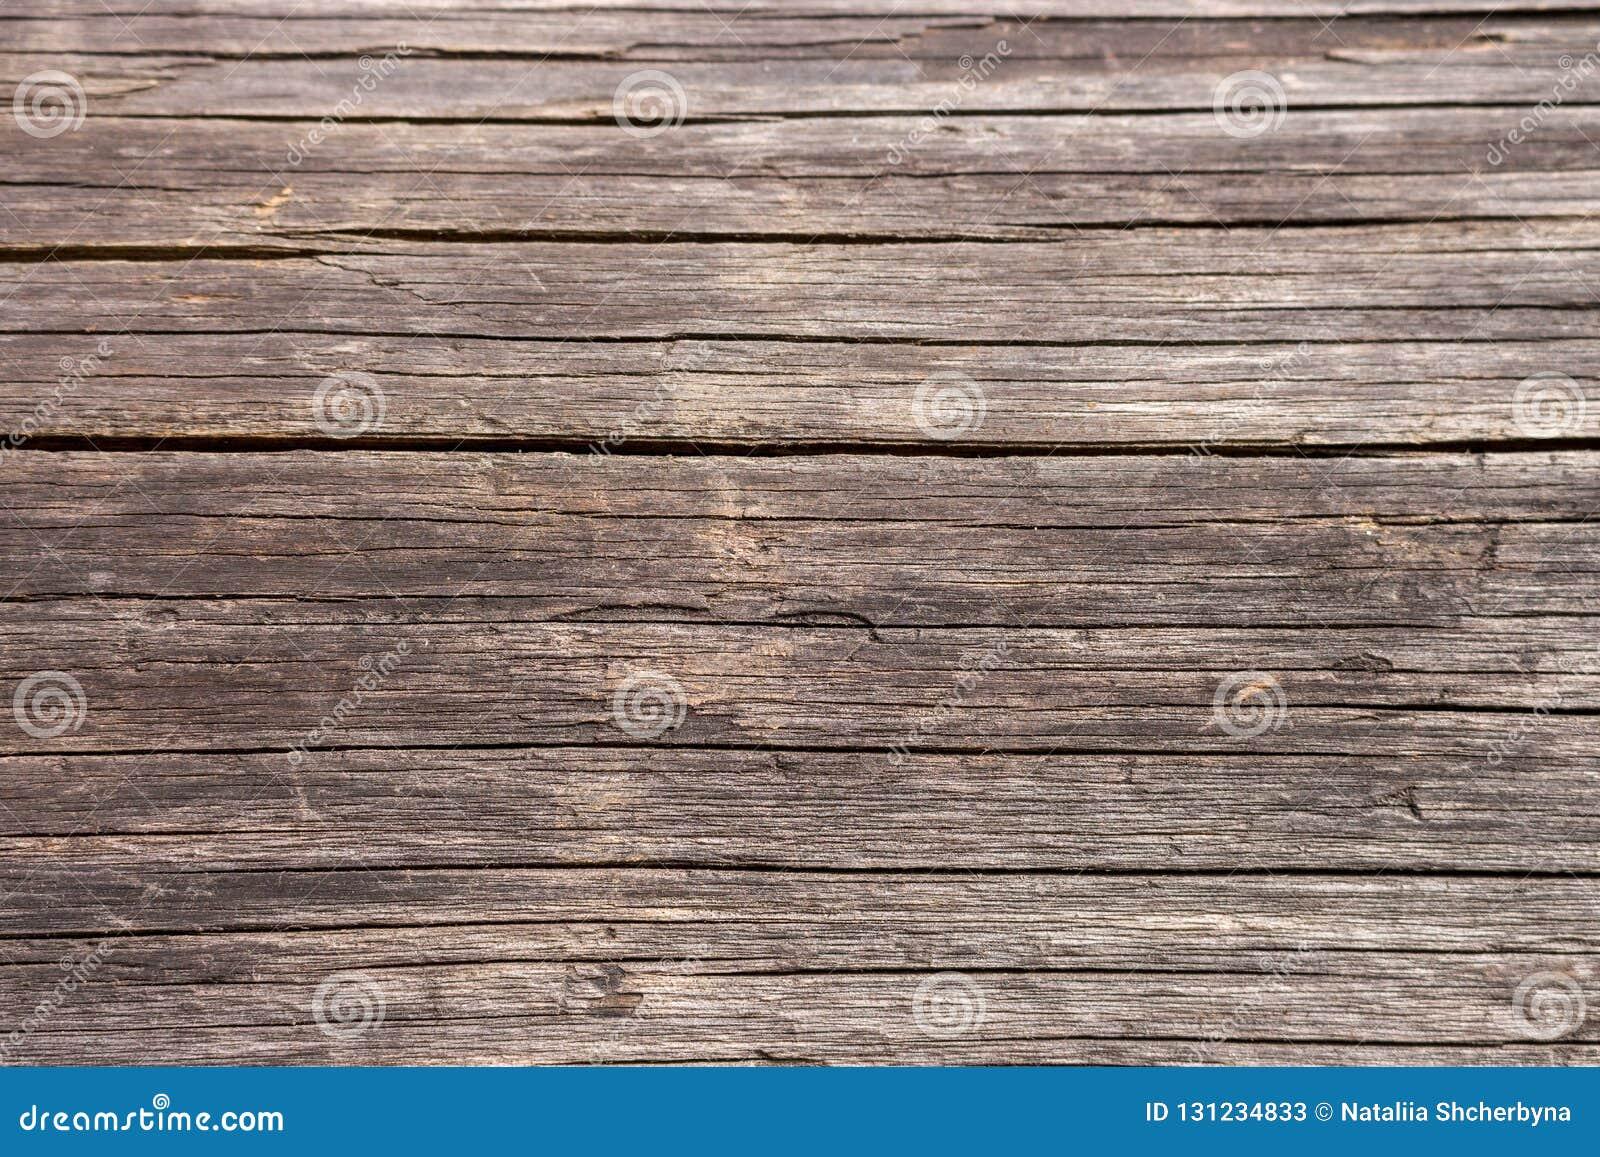 Planche En Bois Deco planches horizontales en bois de brown panneaux en bois